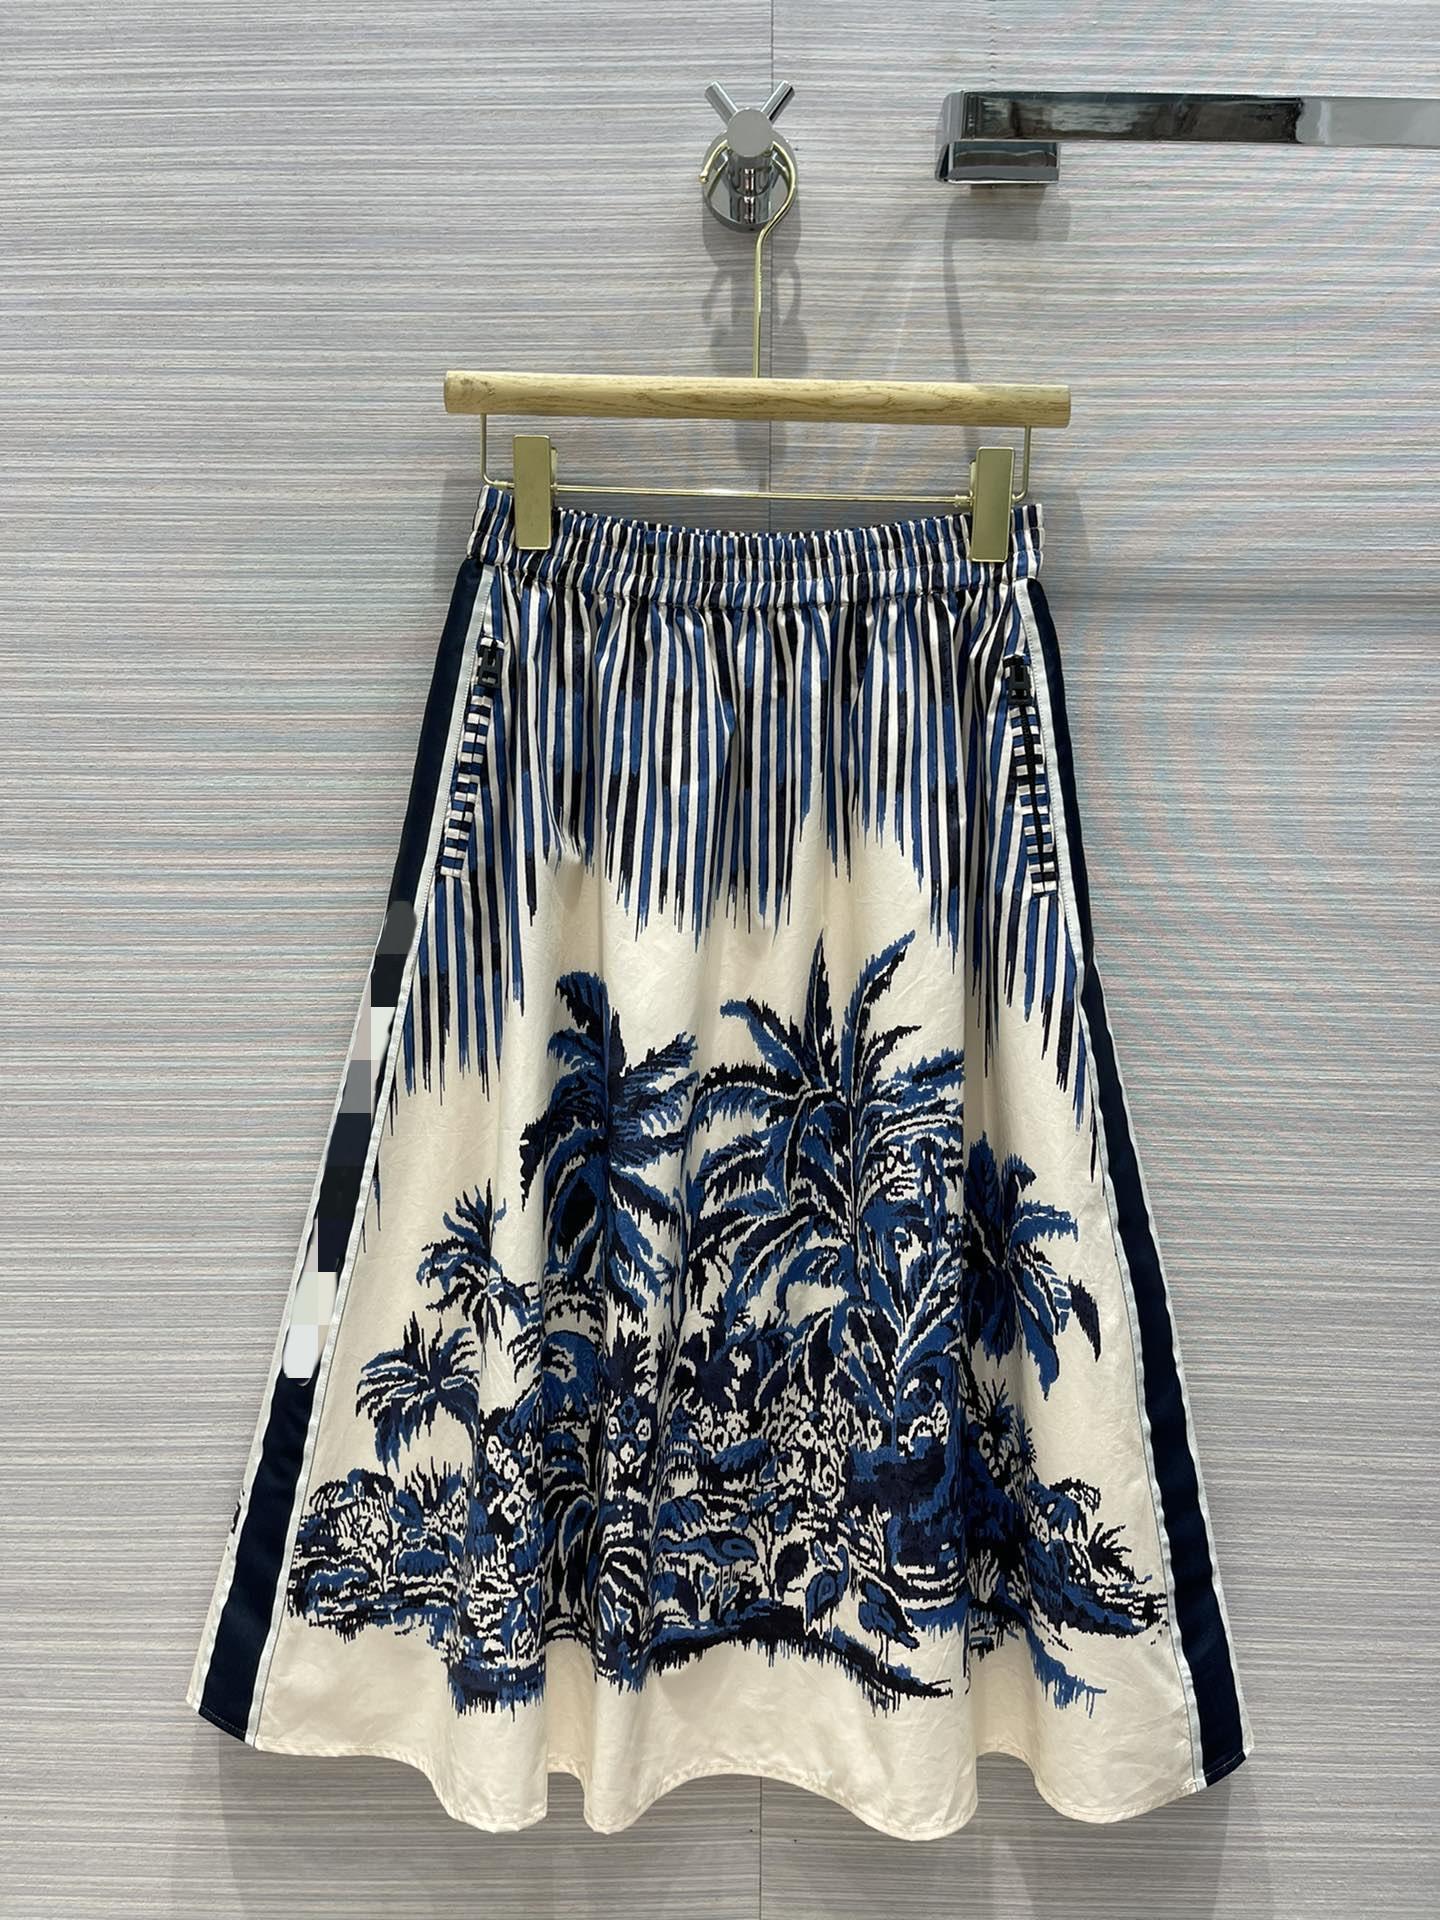 2021 İlkbahar Yaz Sonbahar Milano Tasarımcı Etekler Moda Bir Etek Kadın Marka Aynı Stil Etekler 0416-6